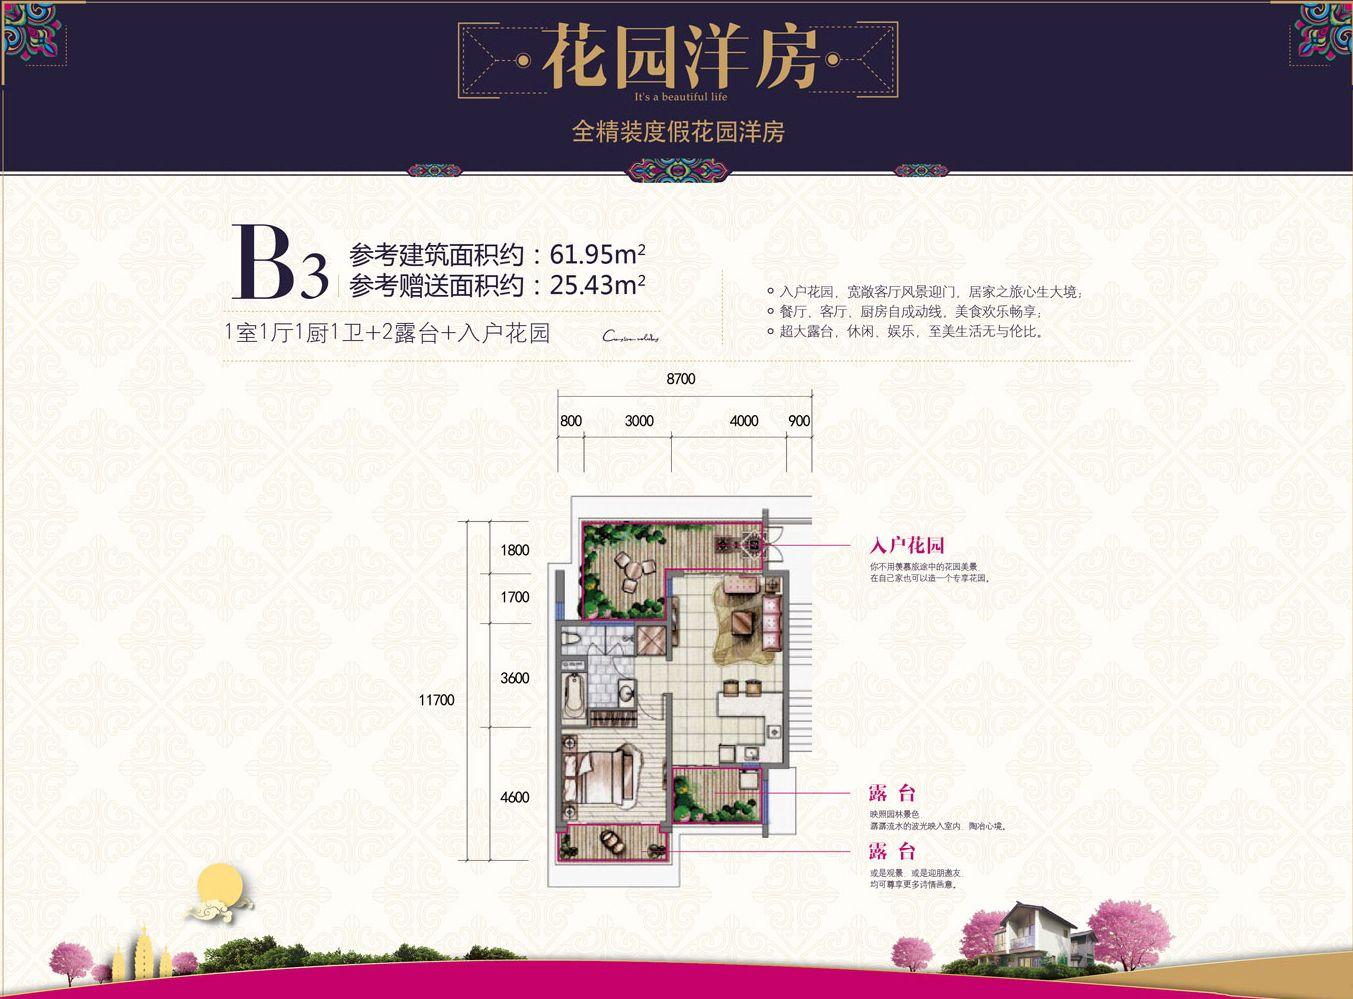 北区花园洋房B3户型 1室1厅1厨1卫2露台+入户花园 建面61.95㎡